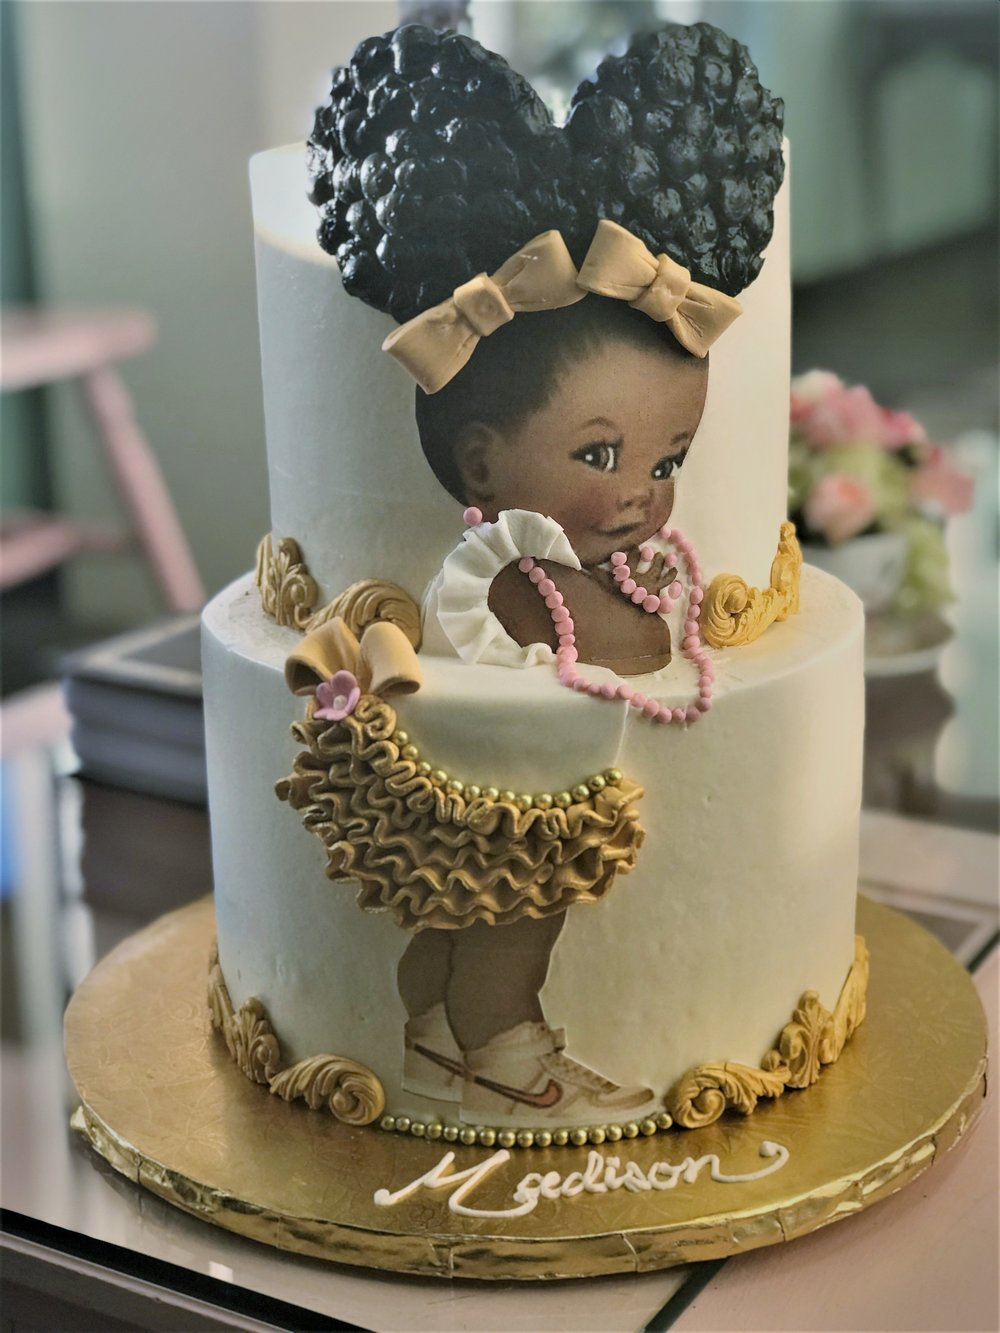 afro baby shower cake.jpg